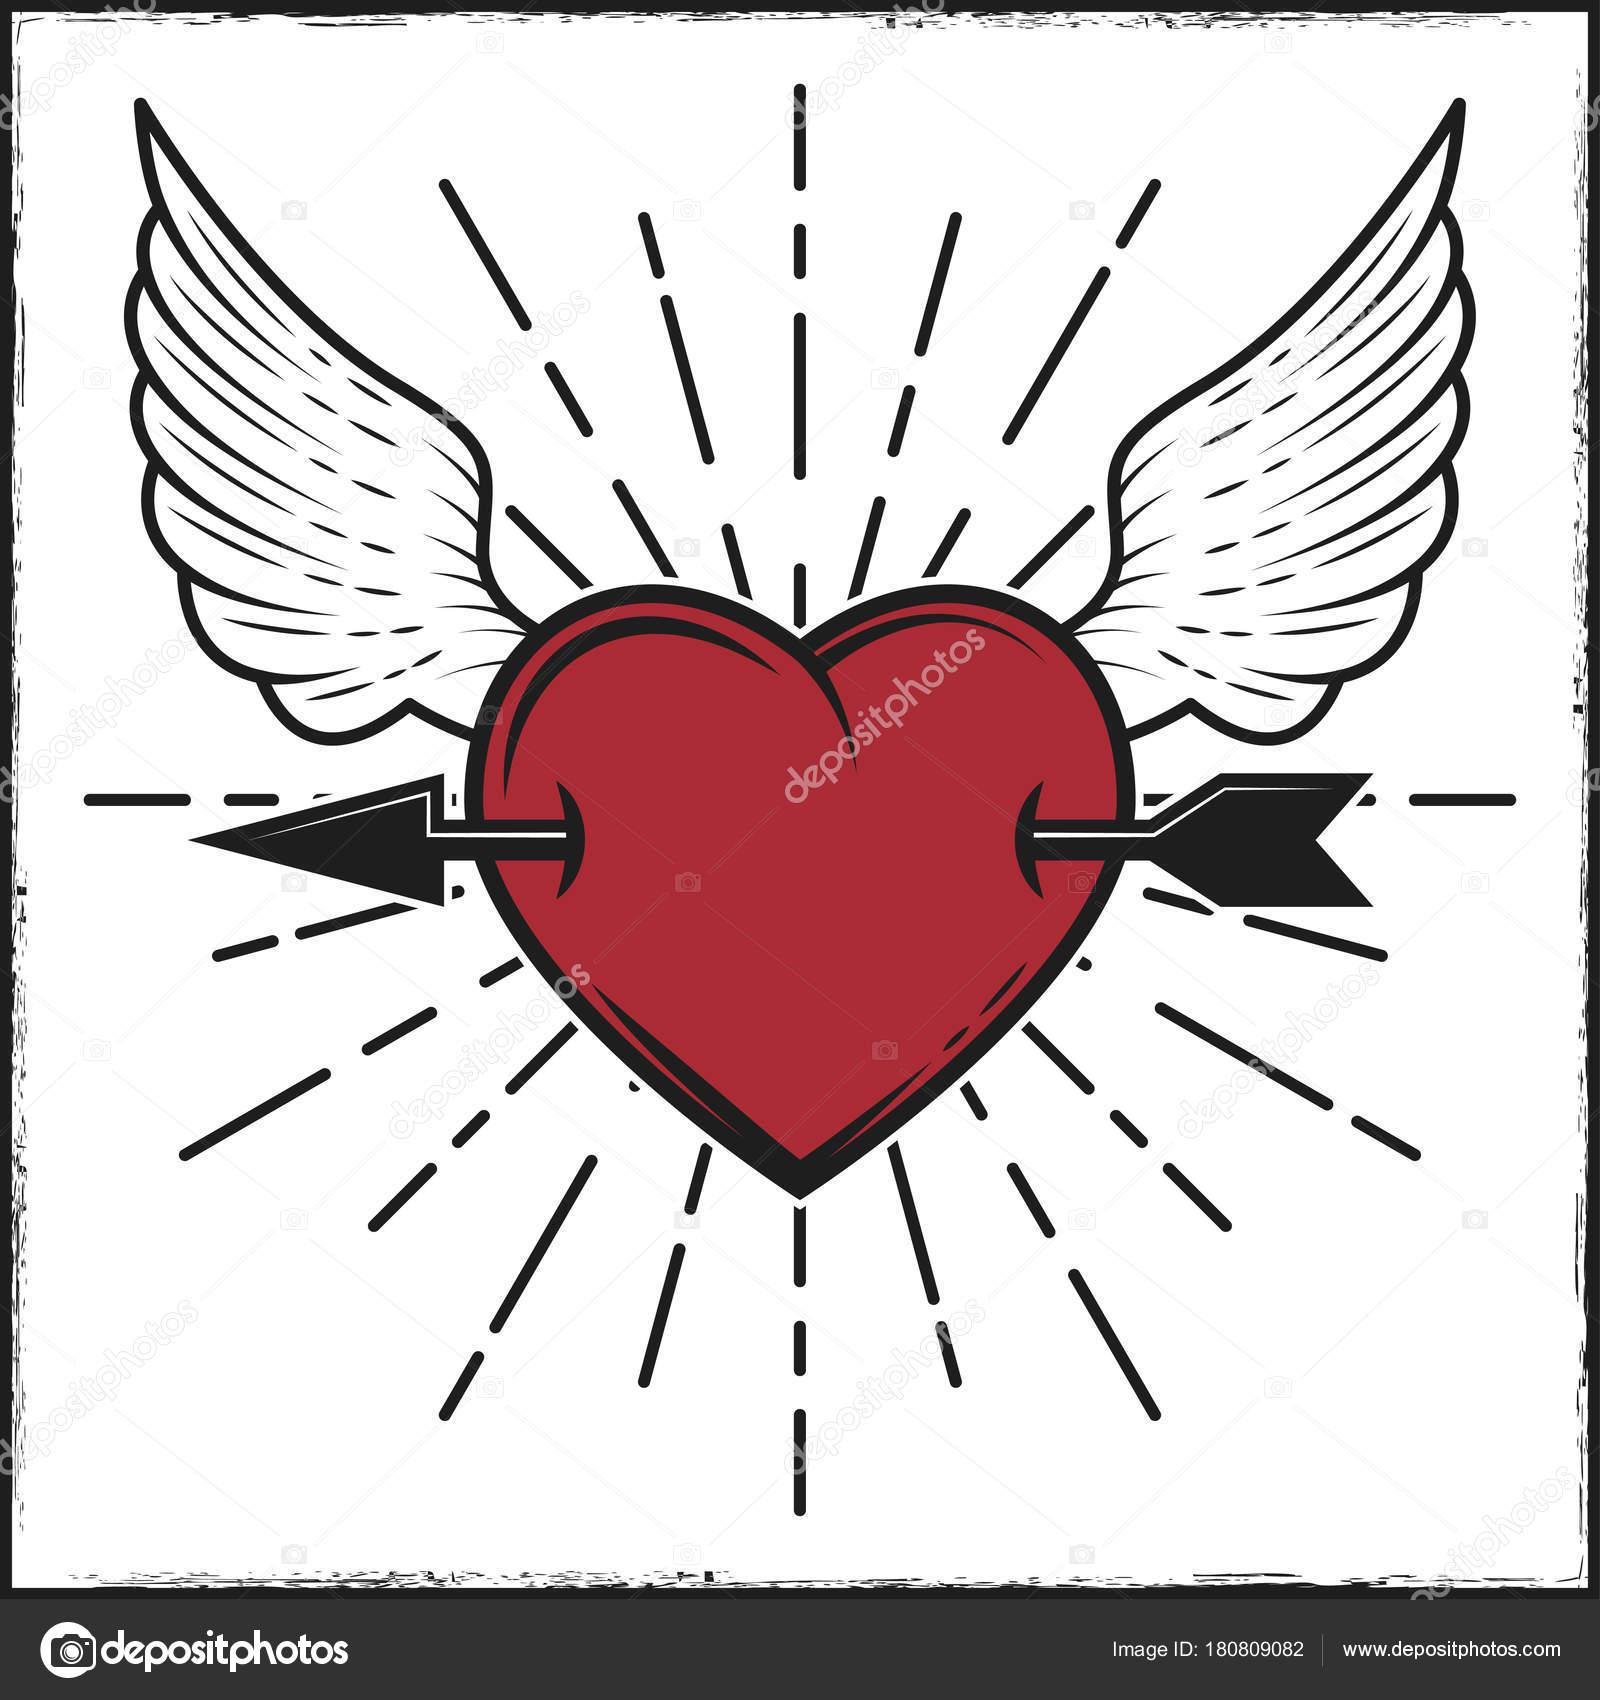 Pfeil im Herzen und Flügel farbig drucken mit Strahlen. Vektor ...